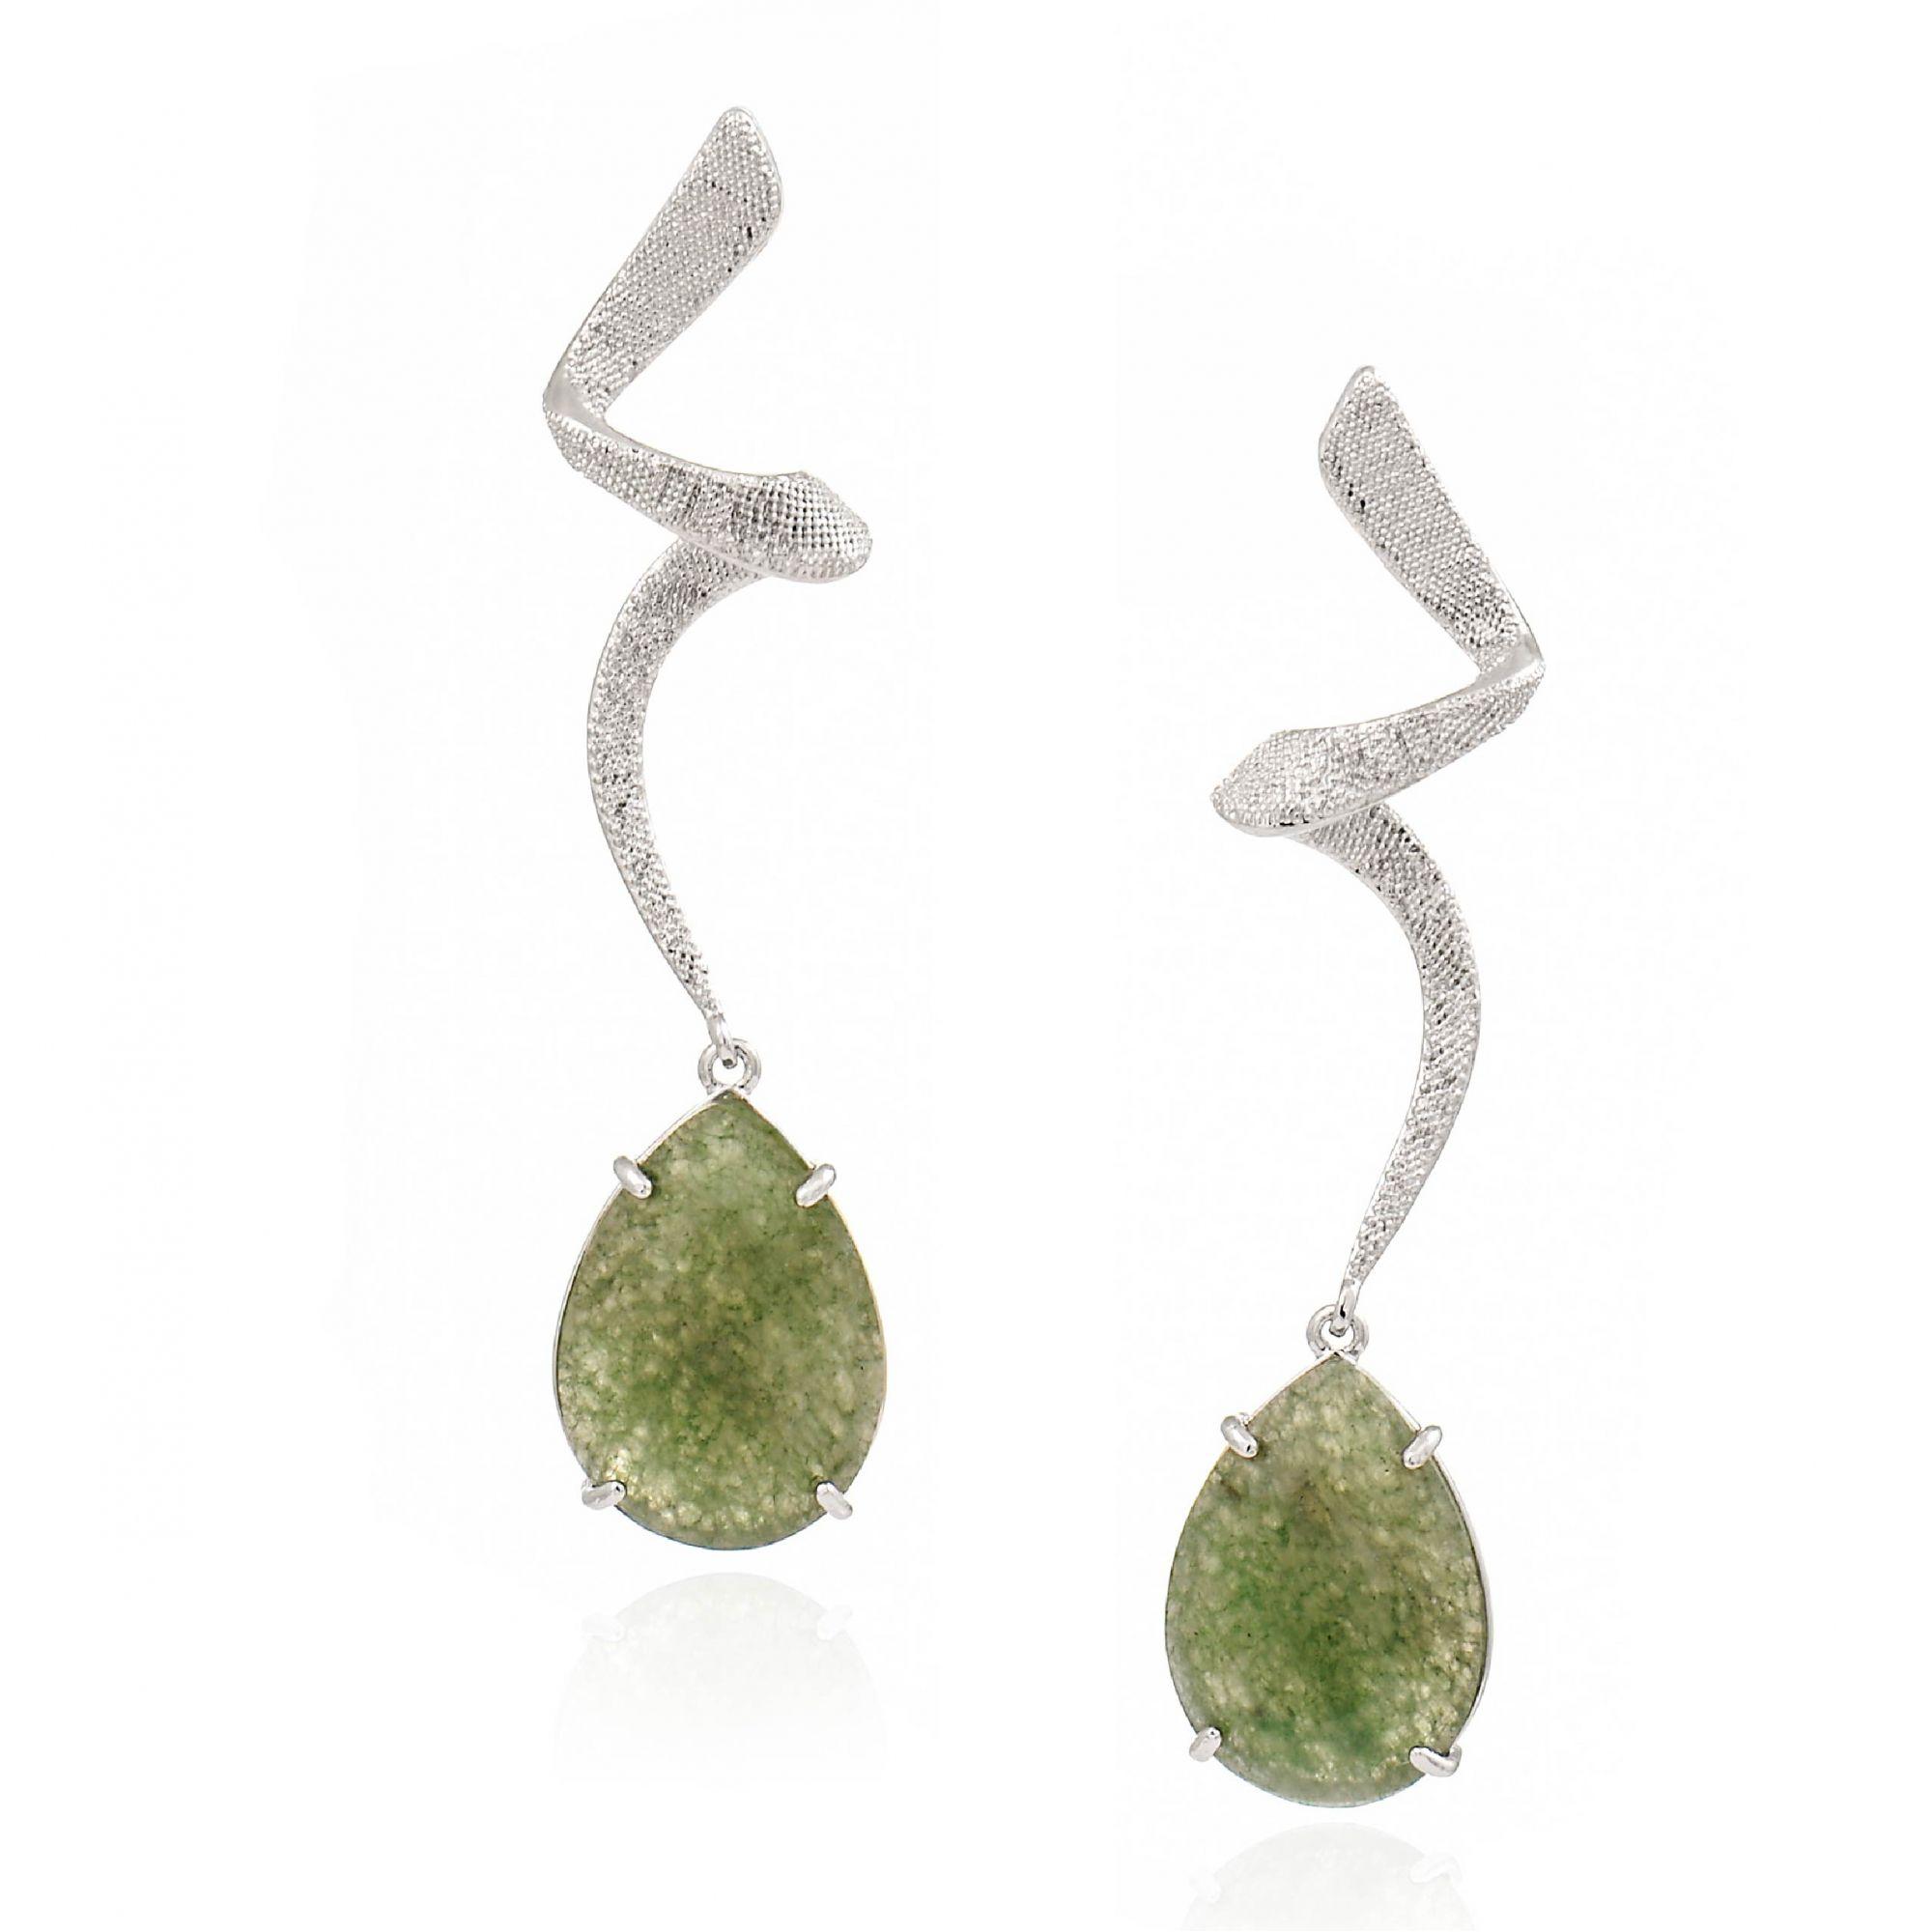 Brinco Alexia, com pedra natural aventurina verde, folheado no ródio branco.